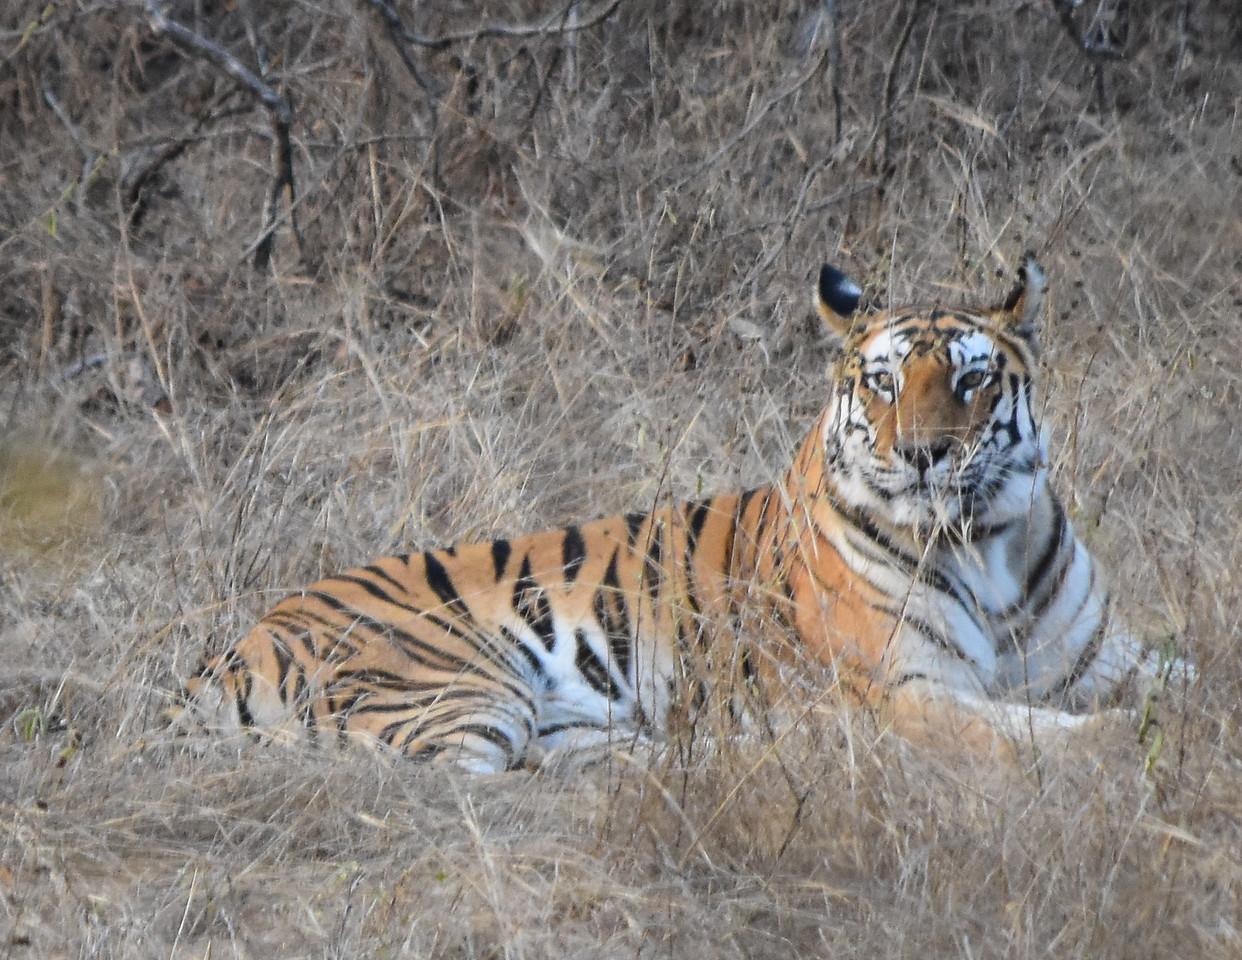 Tiger at Panda National Park, India